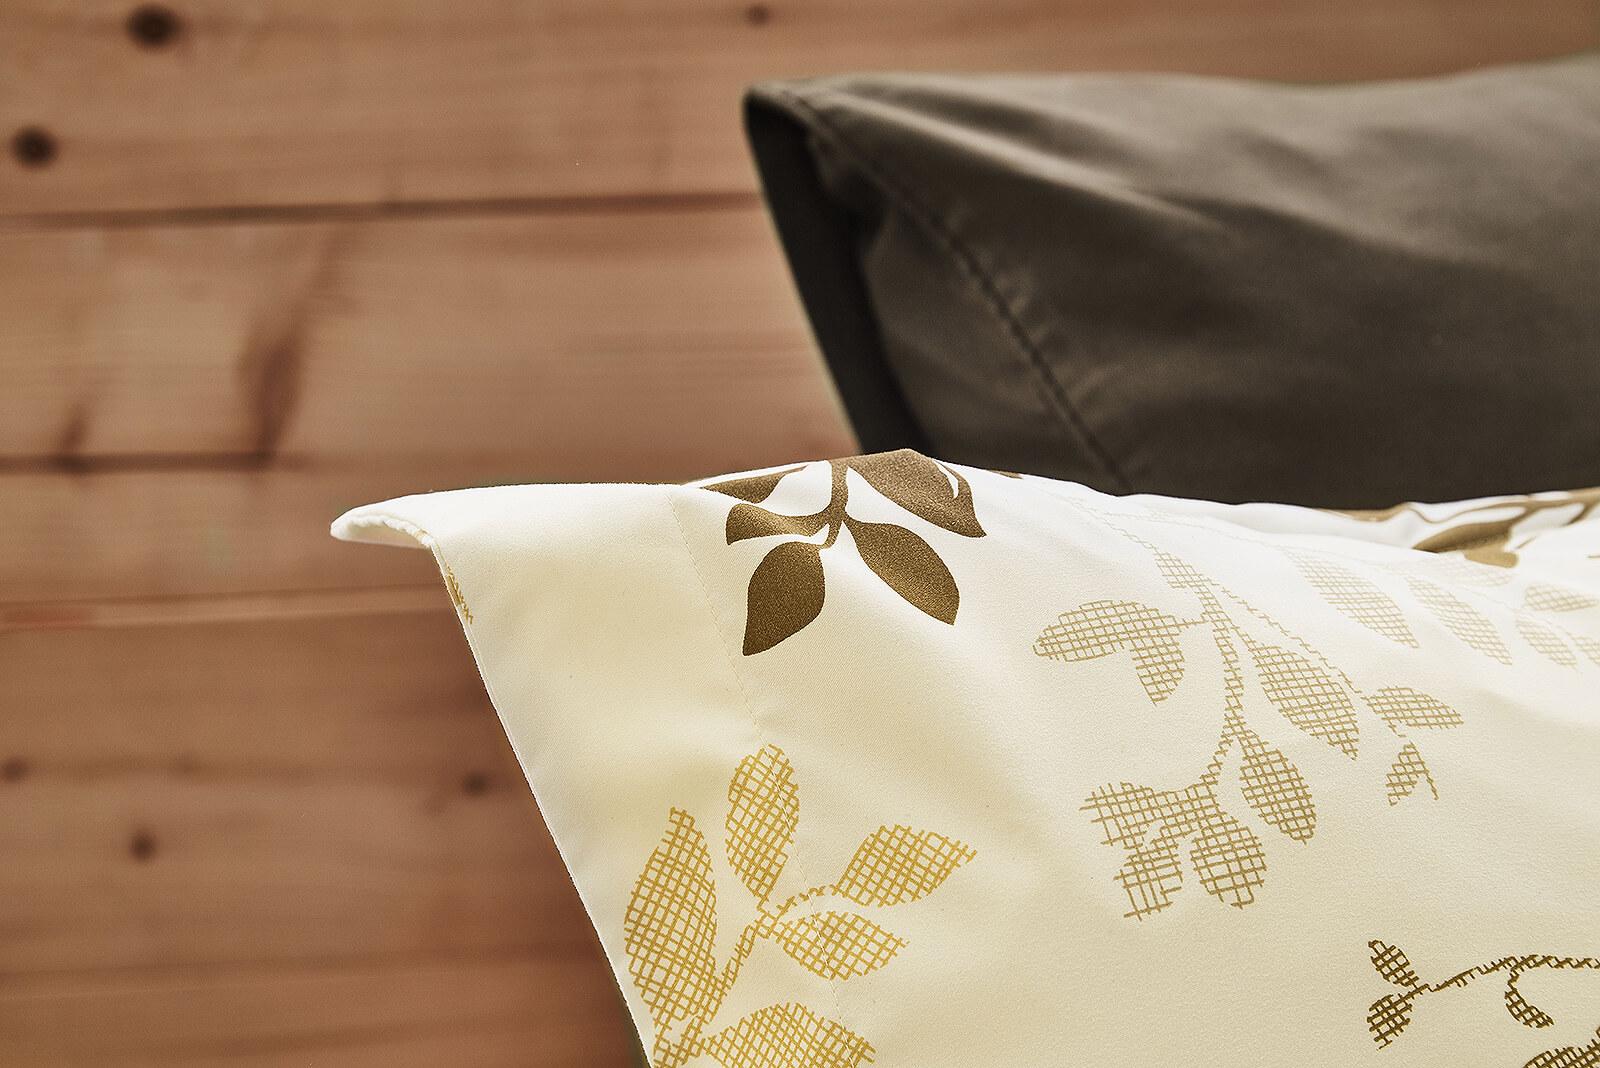 Lotus รุ่น Impression ชุดผ้าปูที่นอน LI-050A